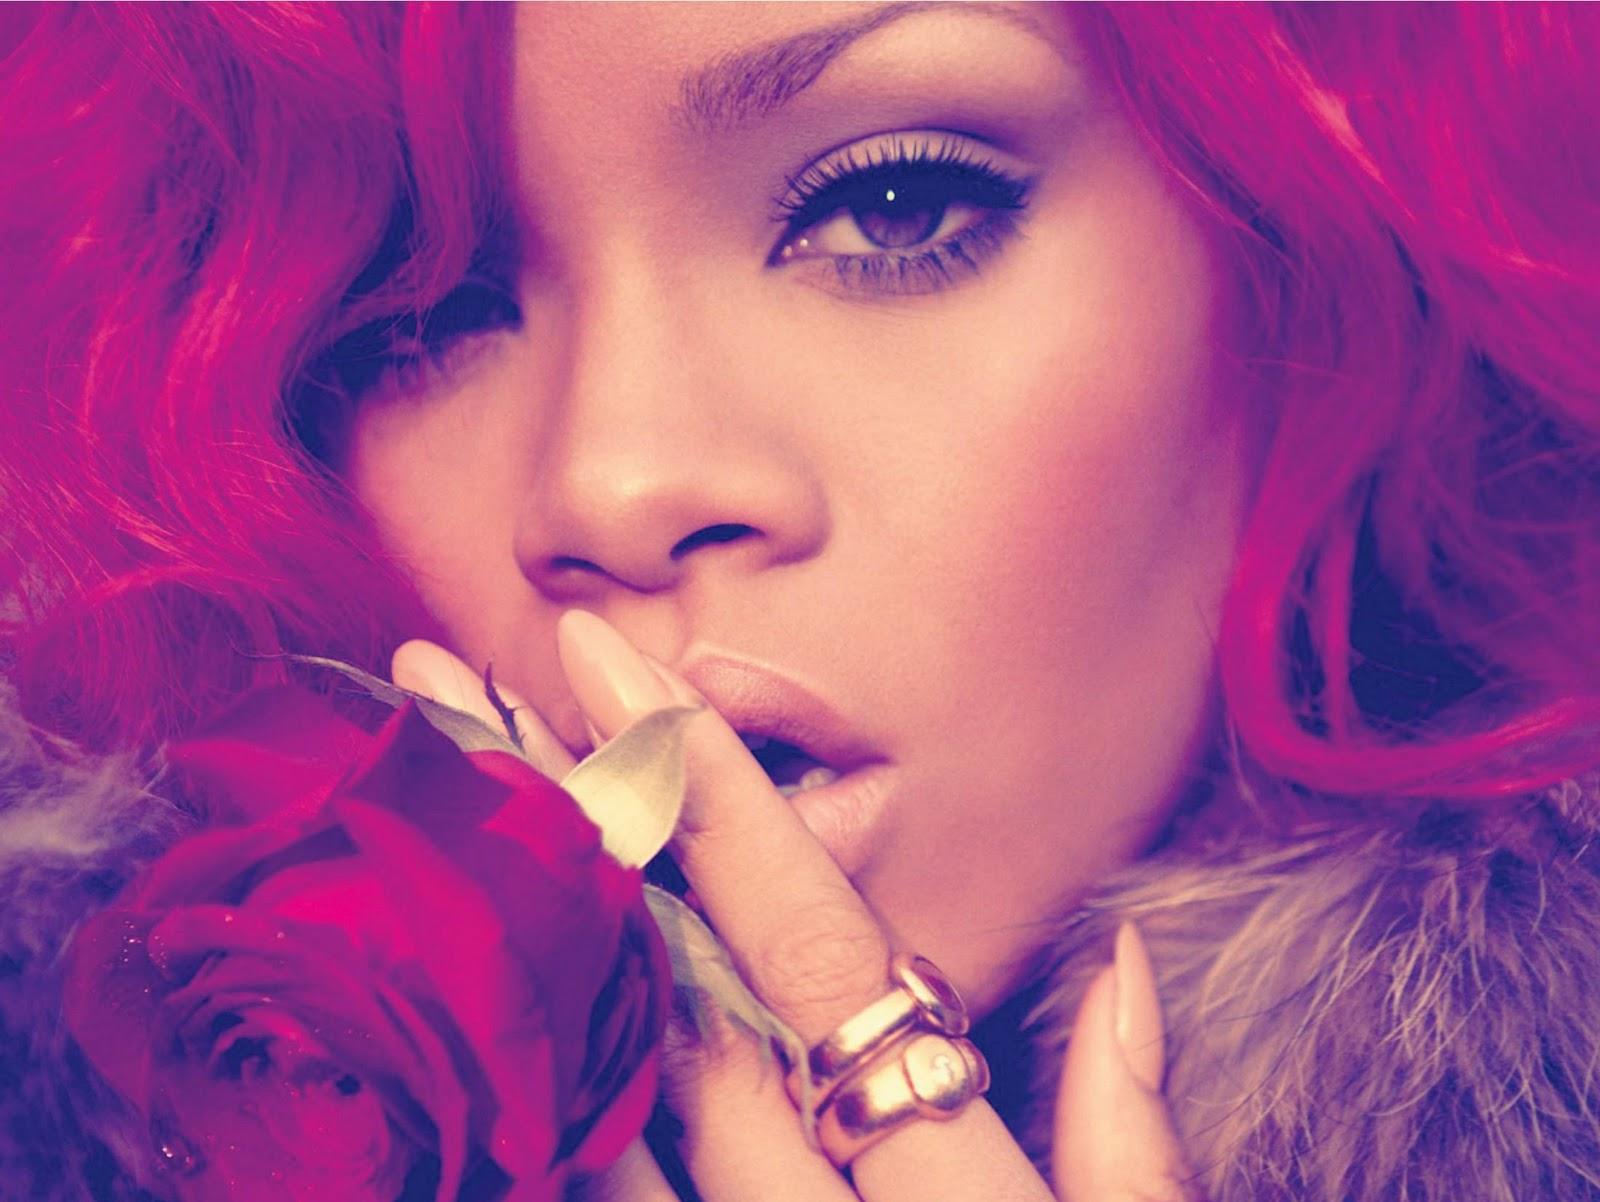 http://2.bp.blogspot.com/-5rEBRBwy2T0/TVcet9M87nI/AAAAAAAAAEQ/nJD9nnPrxws/s1600/Rihanna-Loud-Album-Booklet.jpg